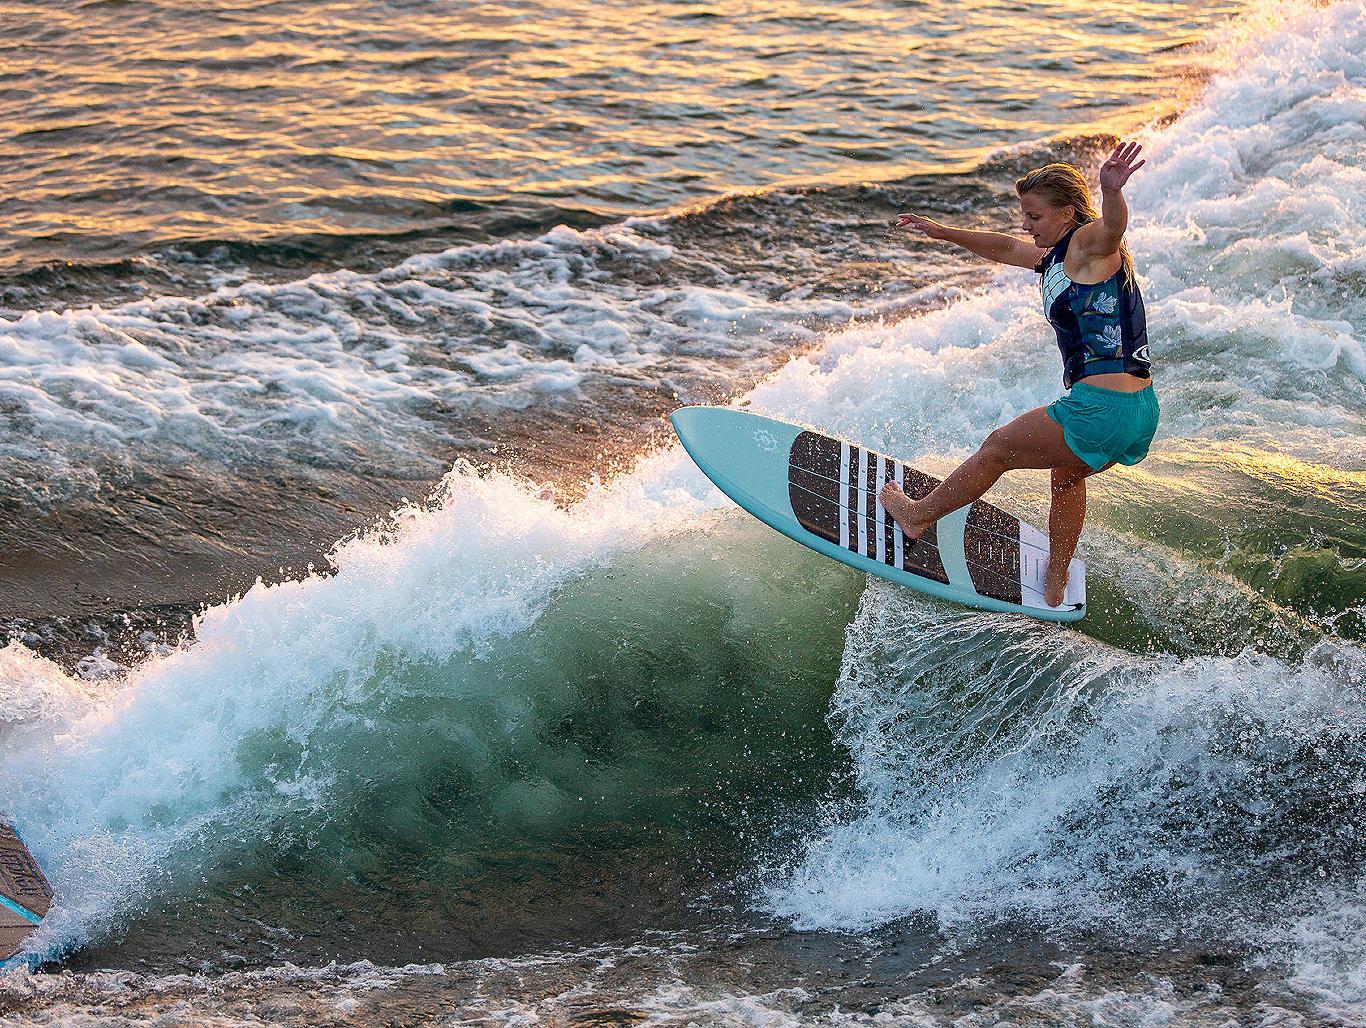 WT2-Carro-Surfing